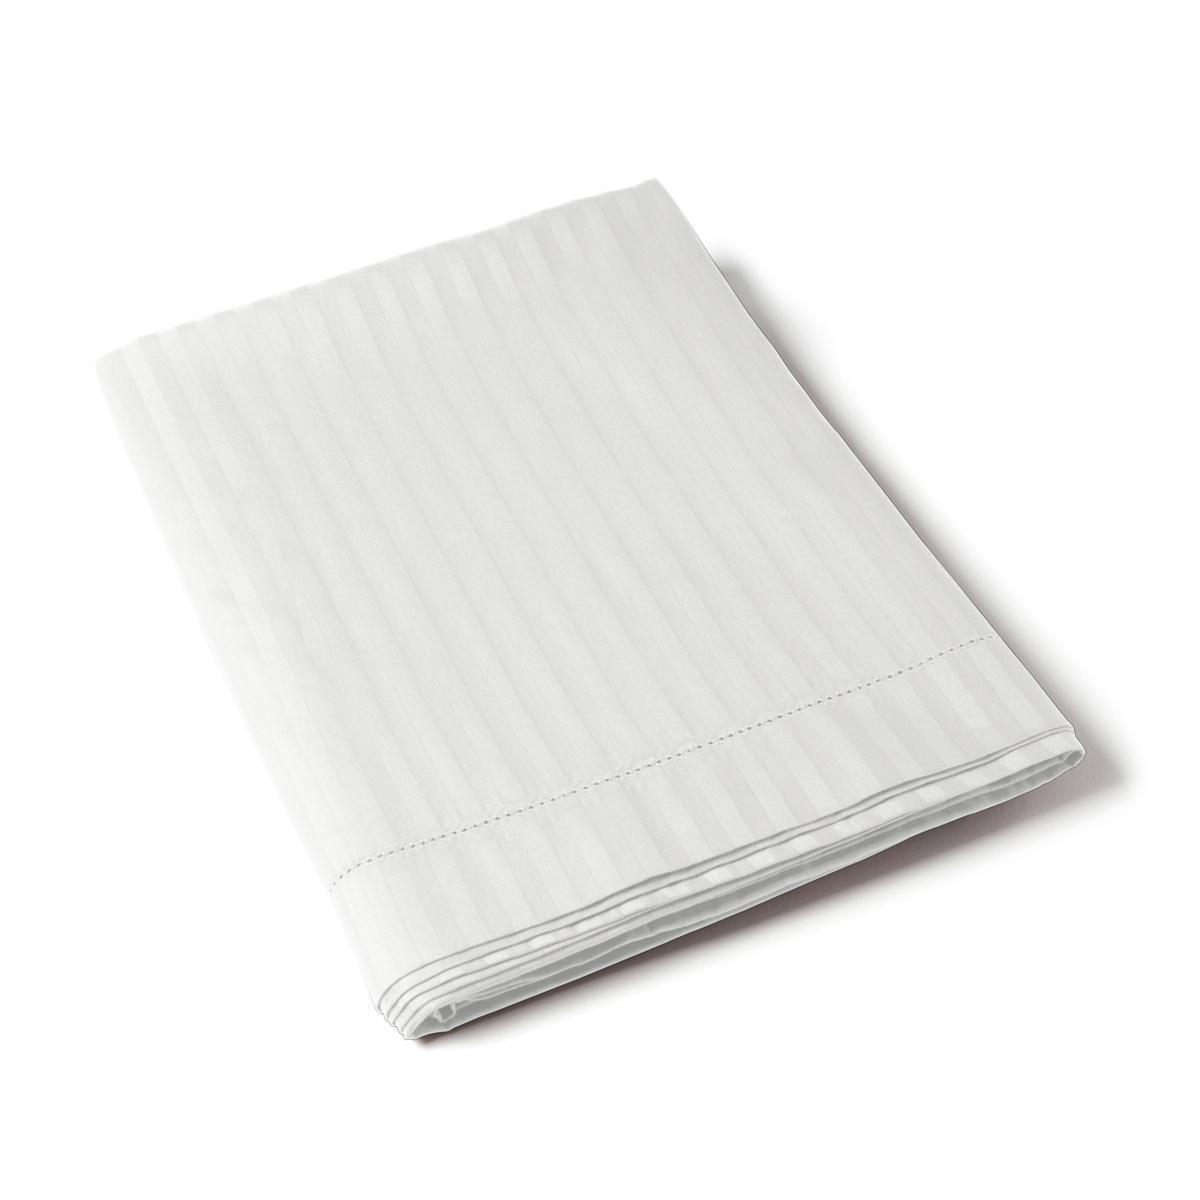 Flat Sheet Satin Couture Jour Venise white | Bed linen | Tradition des Vosges